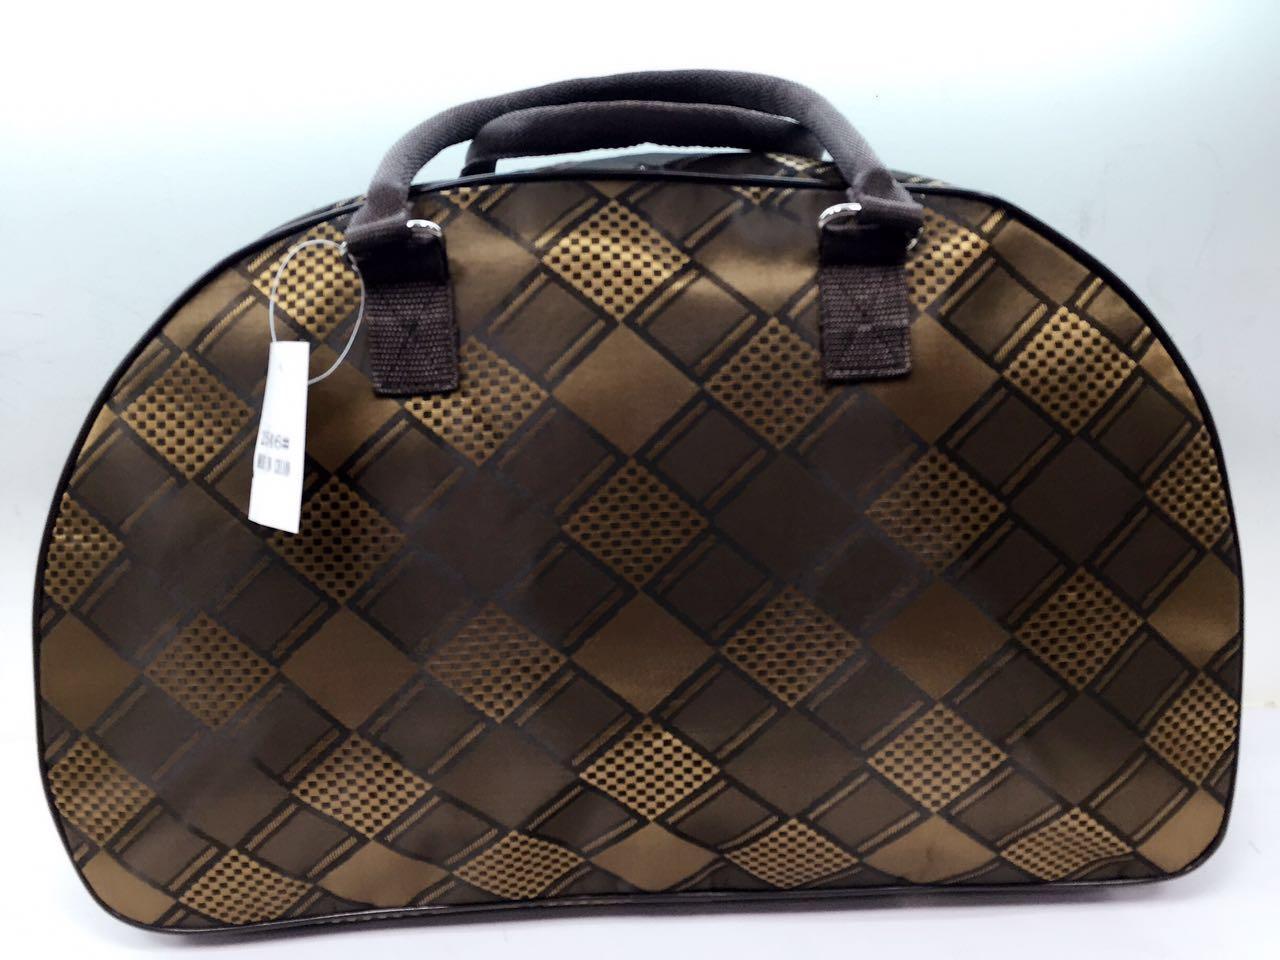 Дорожная тканевая женская сумка-саквояж коричневая